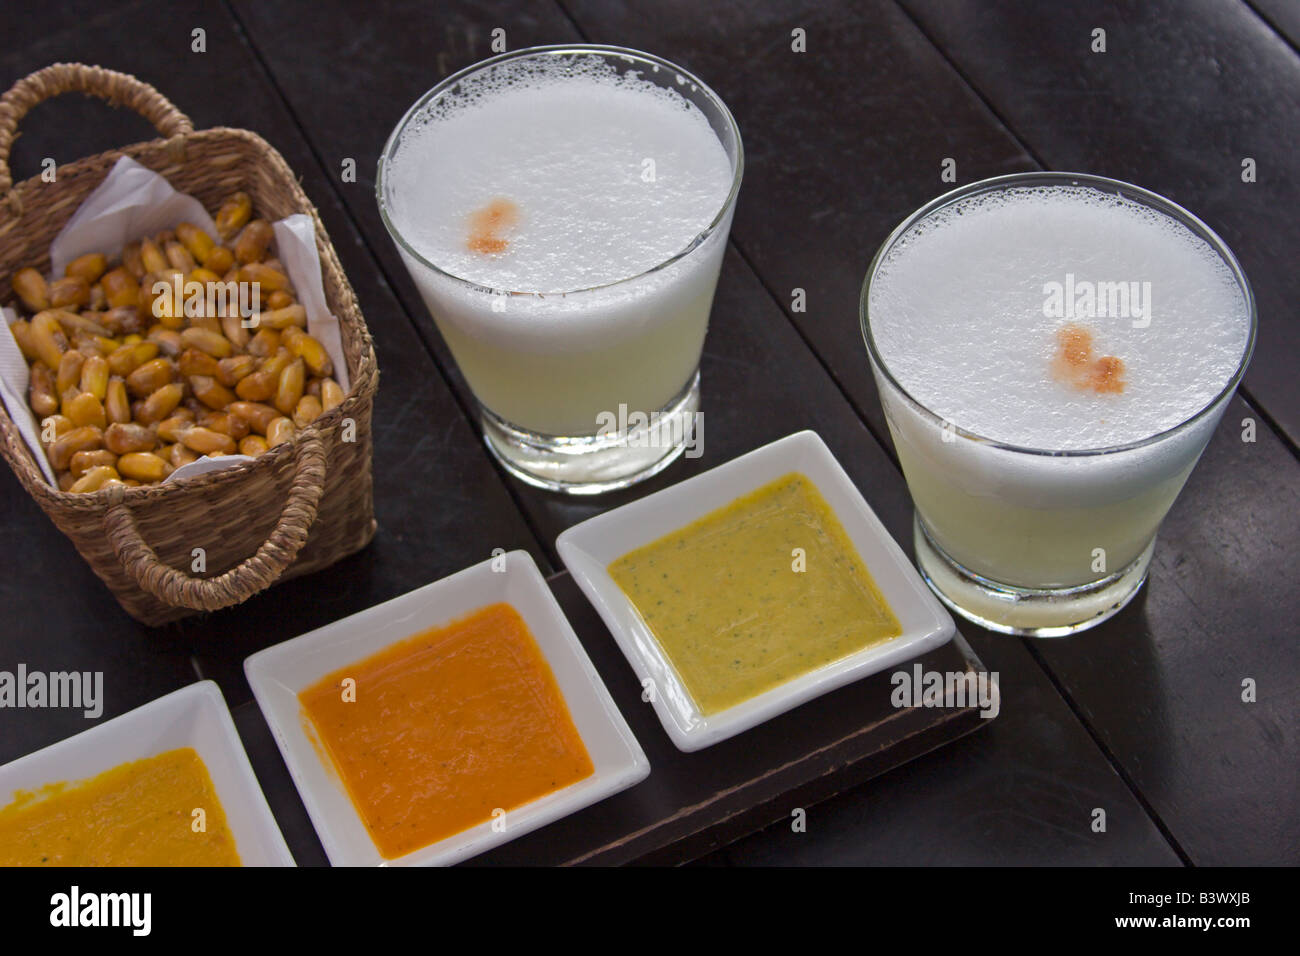 Pisco Sauer la mar Restaurant Lima Peru essen leckere exotische ...